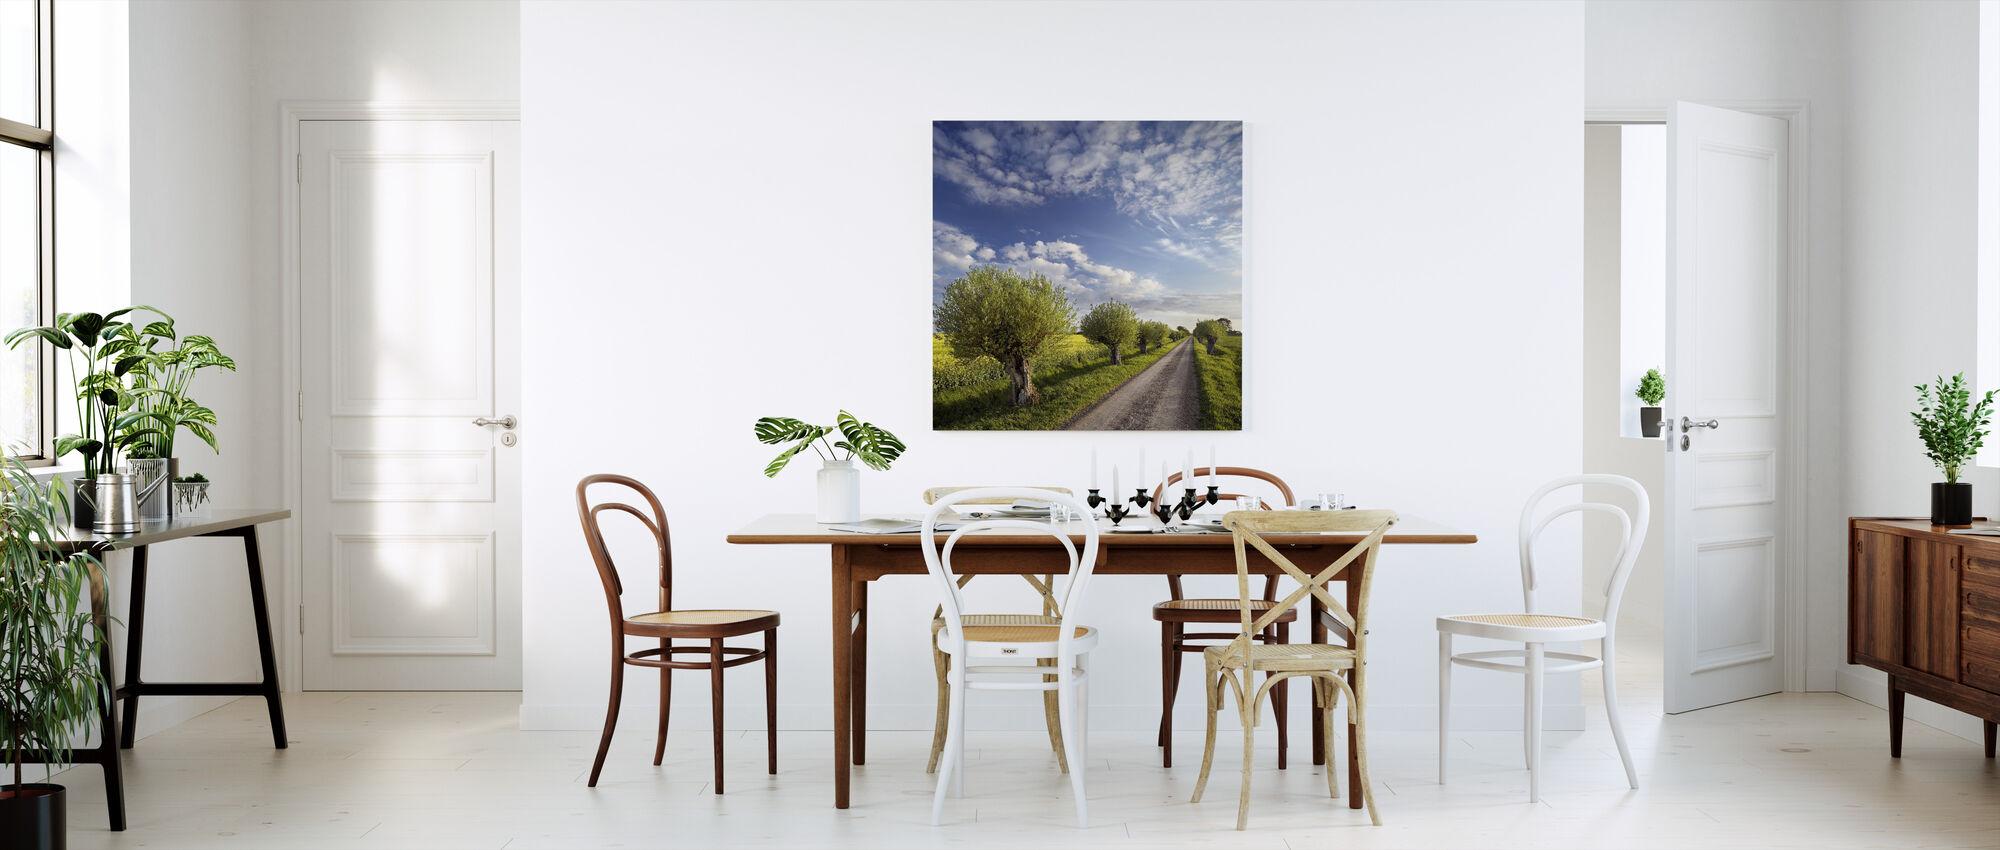 Willow in Skåne, Sweden - Canvas print - Kitchen